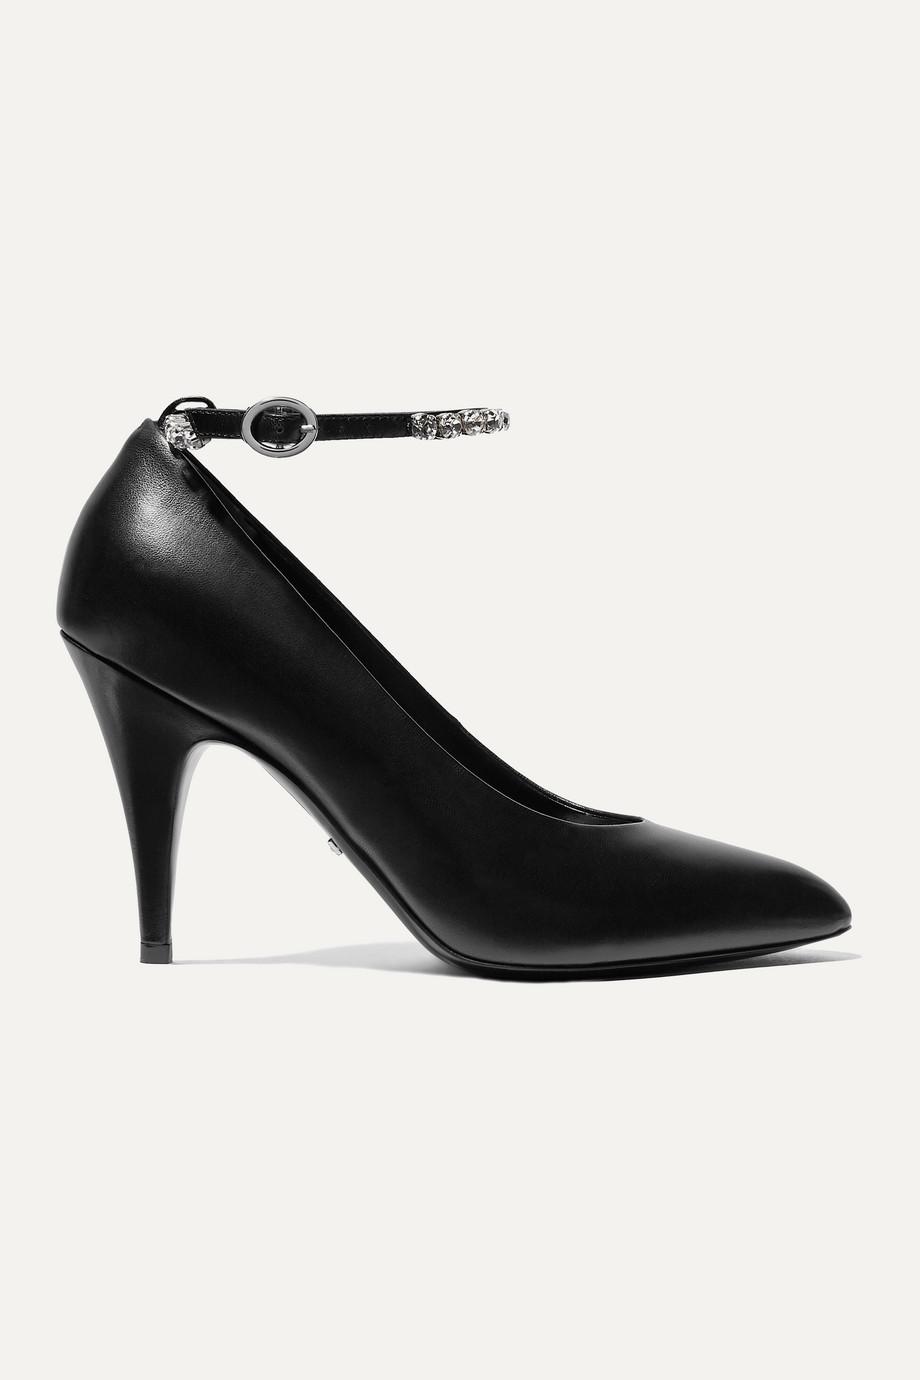 Gucci 水晶缀饰皮革高跟鞋